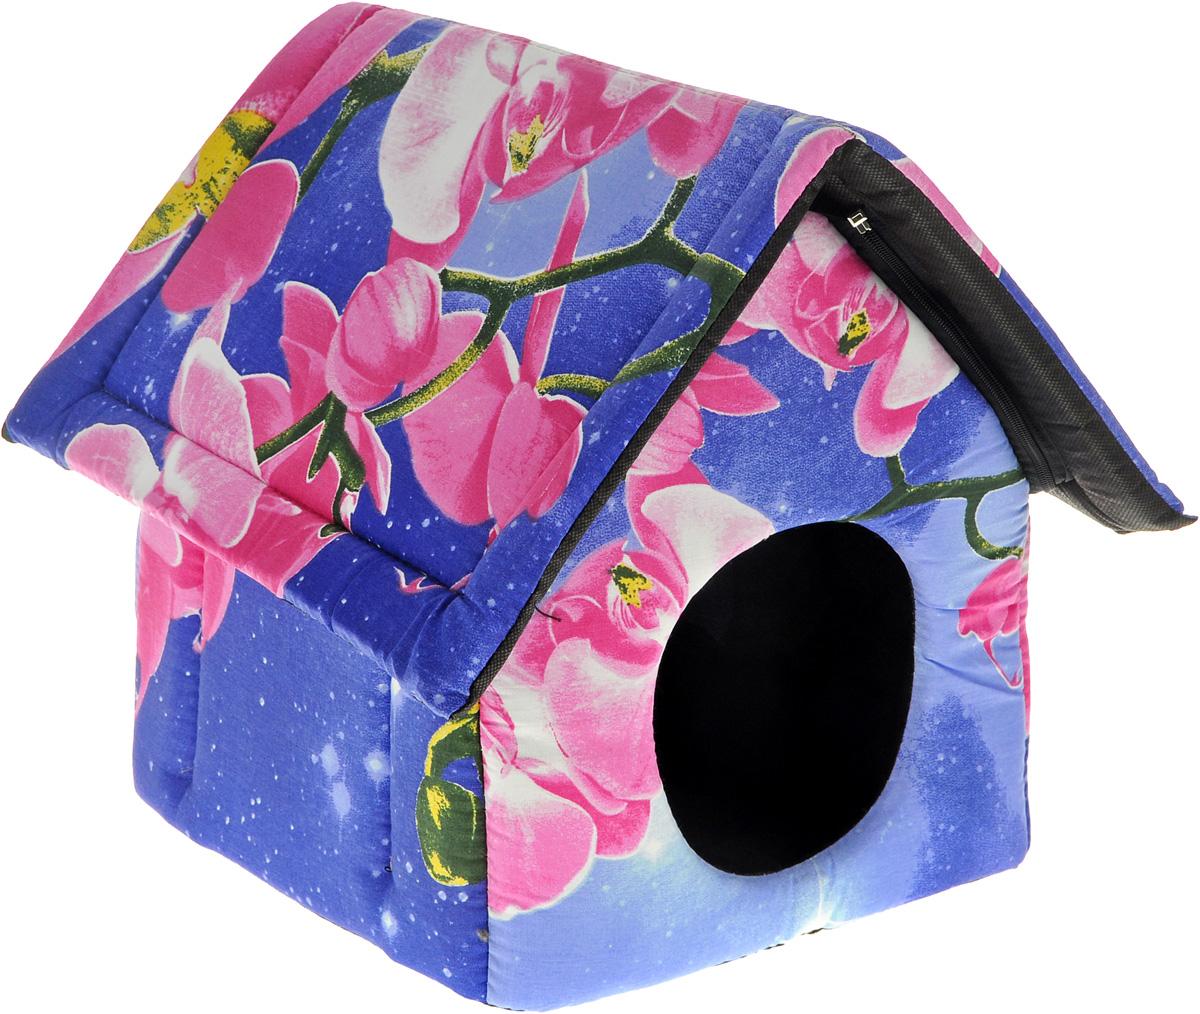 Домик для животных Elite Valley, цвет: синий, розовый, 34 х 32 х 35 см. Л-15/1Л-15/1_синий, розовыйДомик Elite Valley который непременно станет любимым местом отдыха вашего домашнего животного. Изделие выполнено из высококачественной бязи и нетканого волокна, а наполнитель - из поролона. Такой материал не теряет своей формы долгое время. Внутри имеется мягкая съемная подстилка. Съемная крыша крепится к корпусу домика при помощи застежки-молнии. В таком стильном домике вашему любимцу будет мягко и тепло. Он даст вашему питомцу ощущение уюта и уединенности, а также возможность подремать, отдохнуть и просто спрятаться.